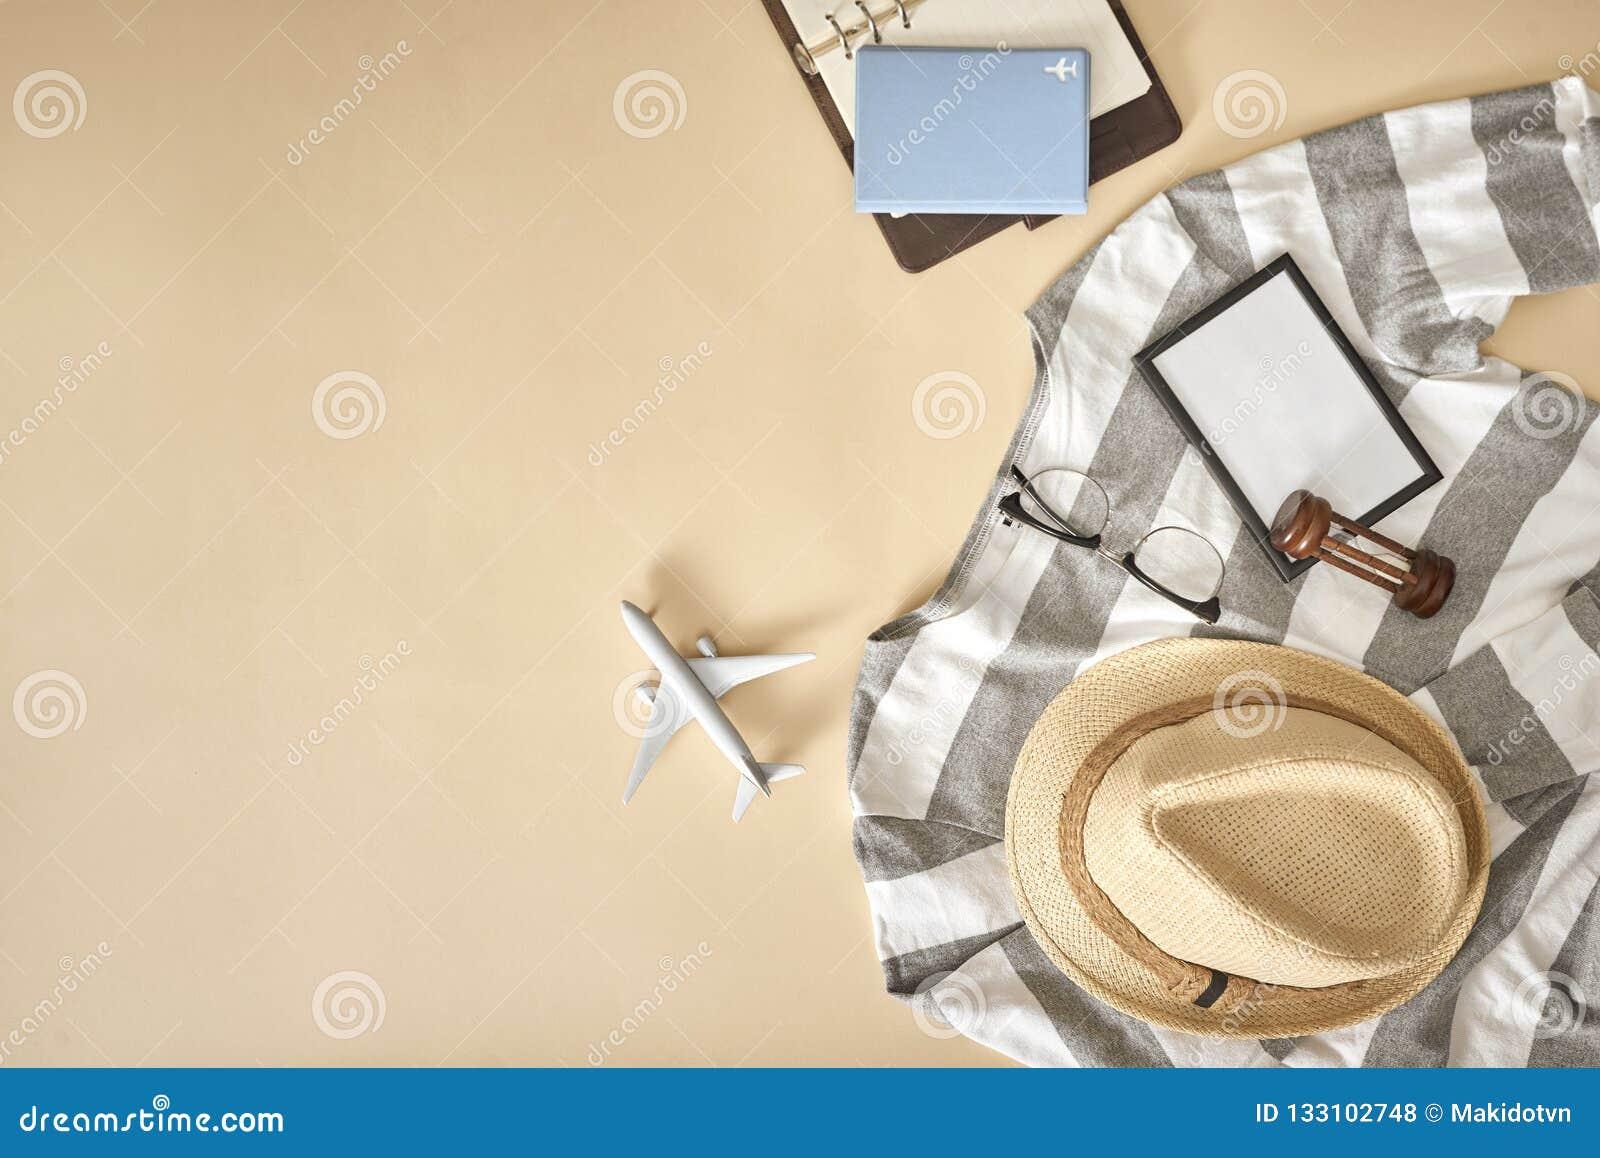 Обмундирования людей случайные с аксессуарами для перемещения во время каникул